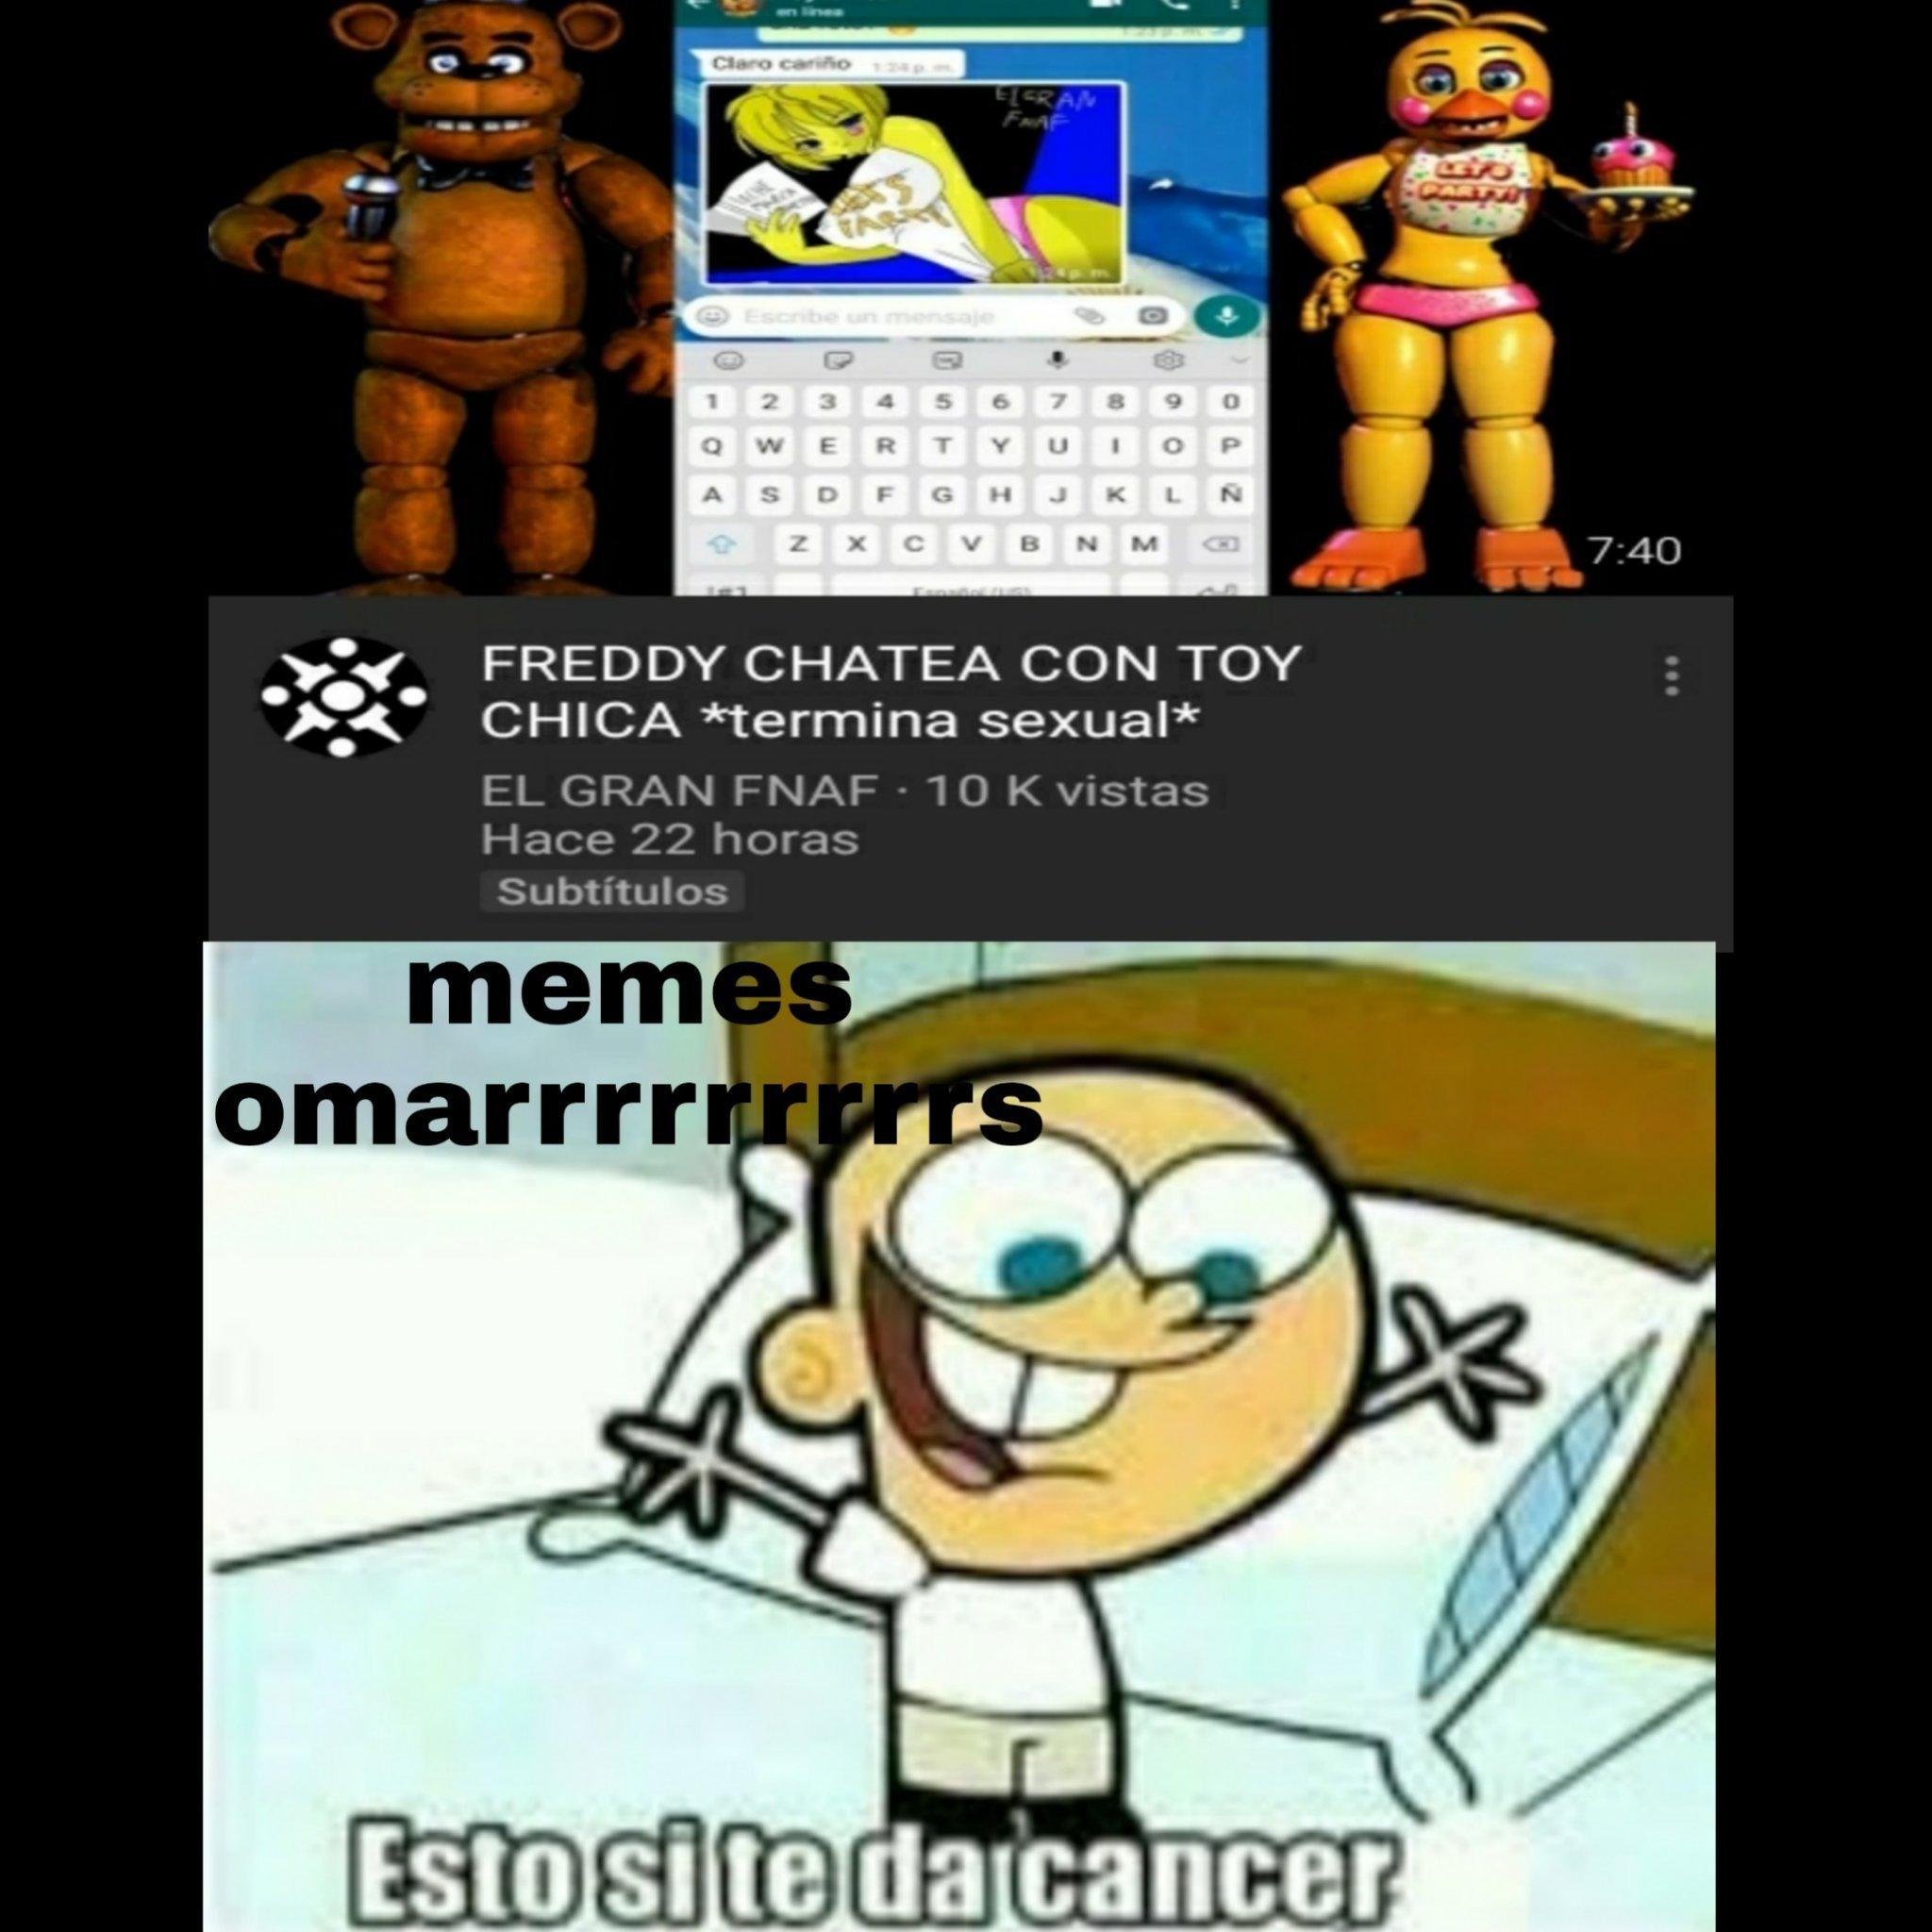 Por favor paren de hacer estas weas - meme